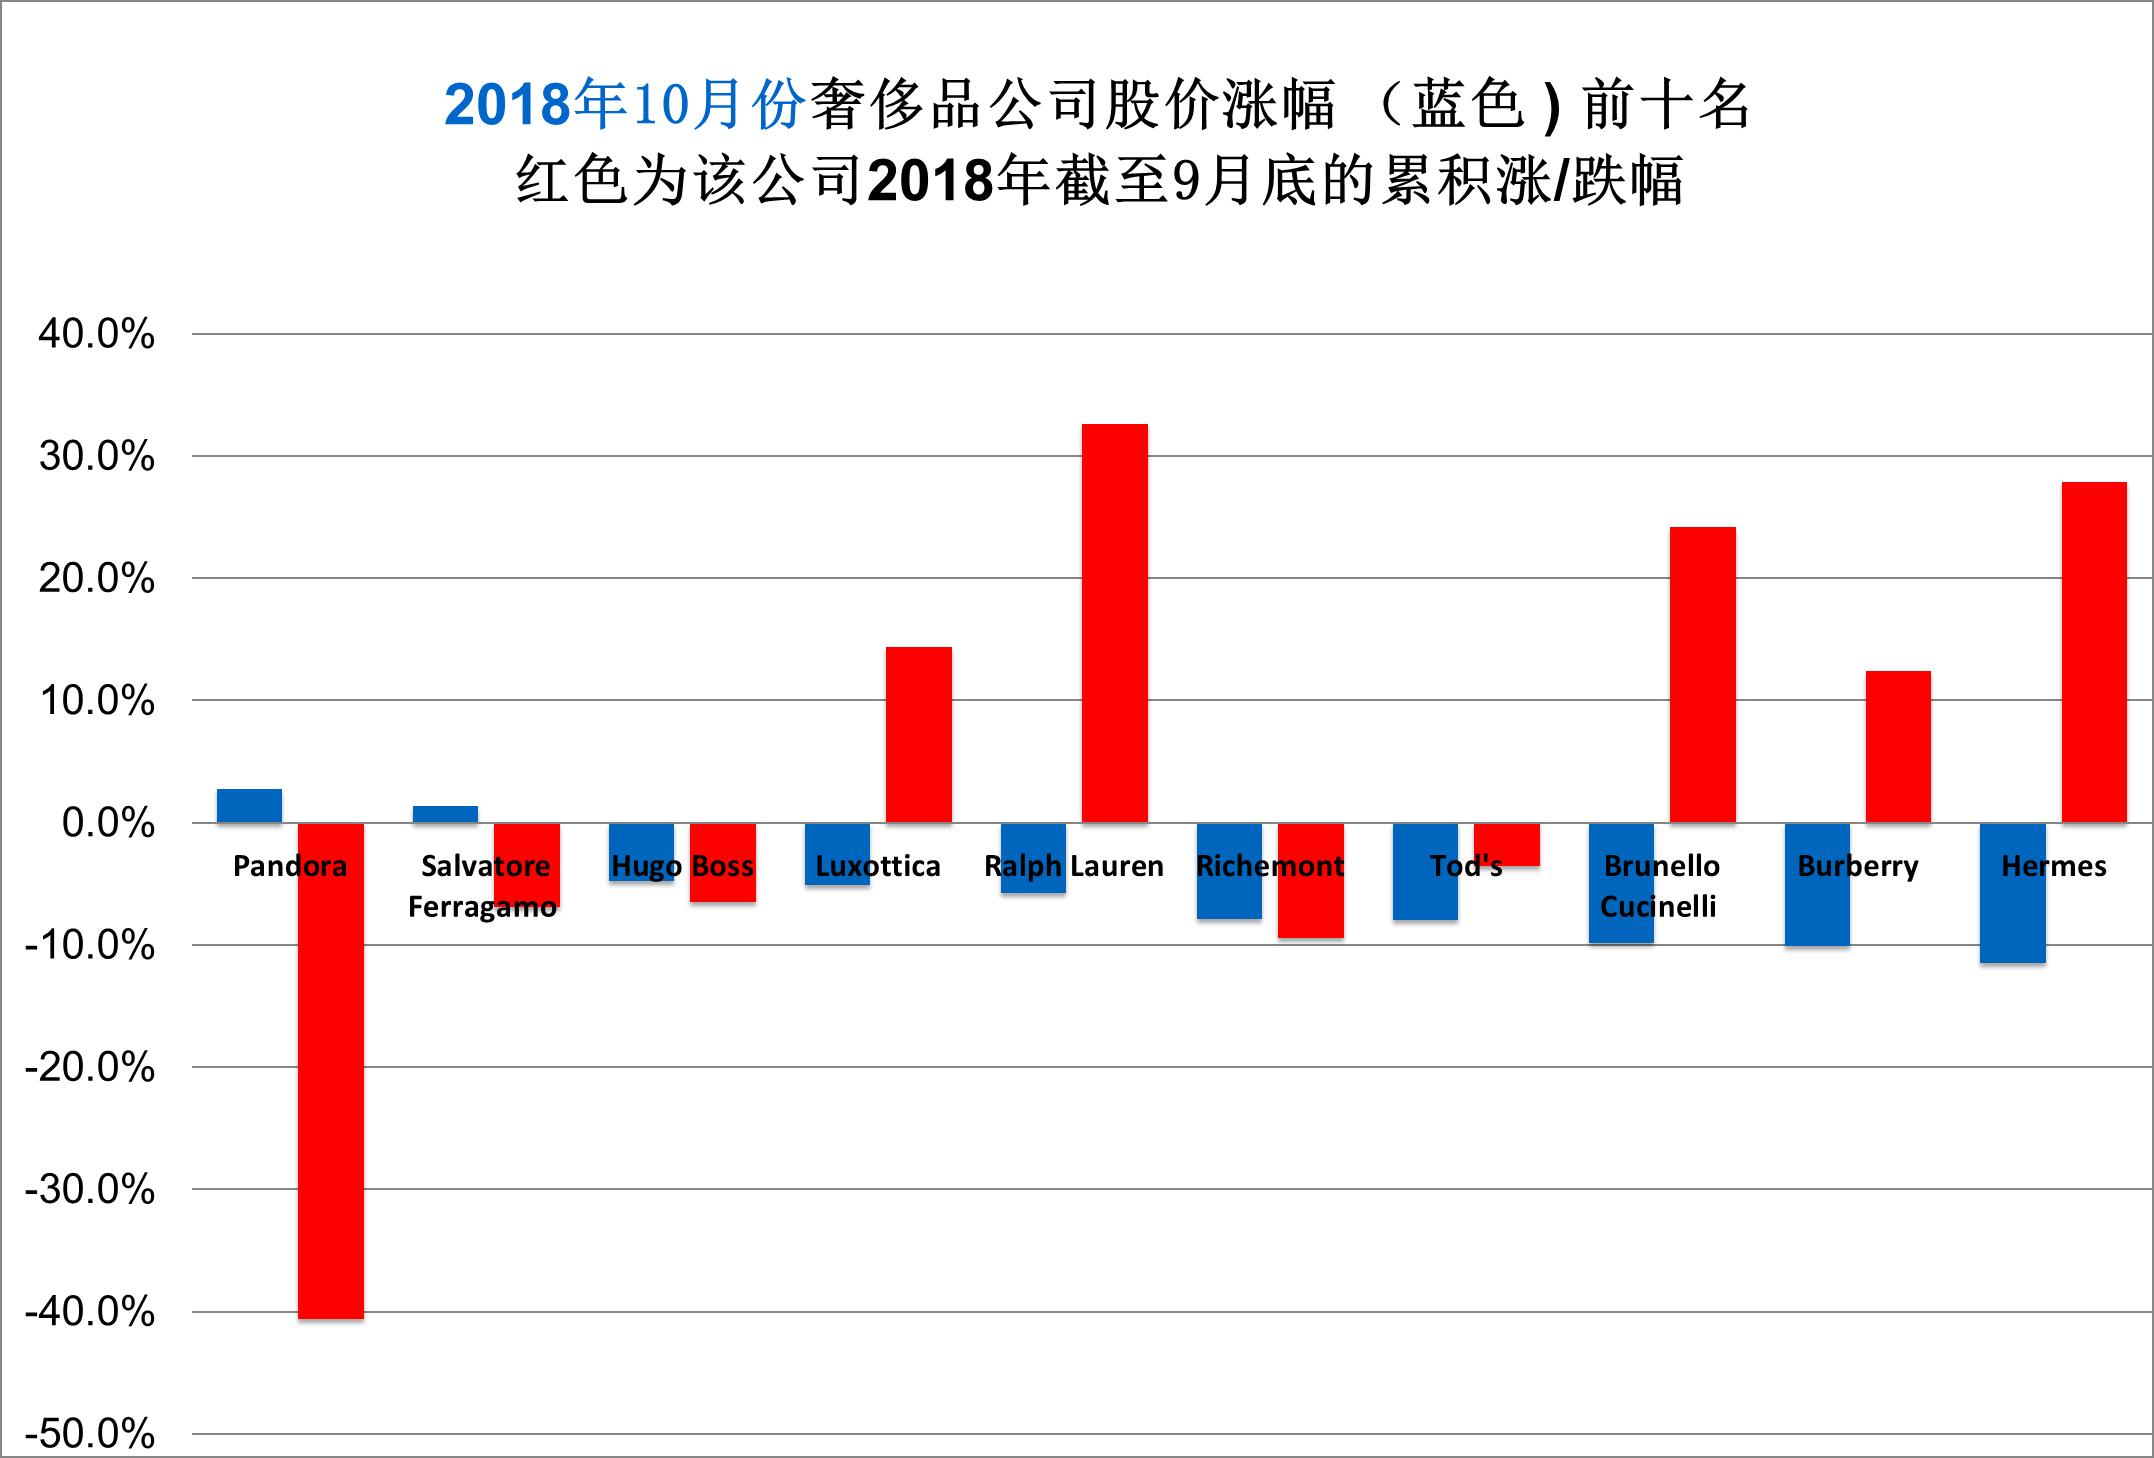 华丽志奢侈品股票月度排行榜(2018年10月)